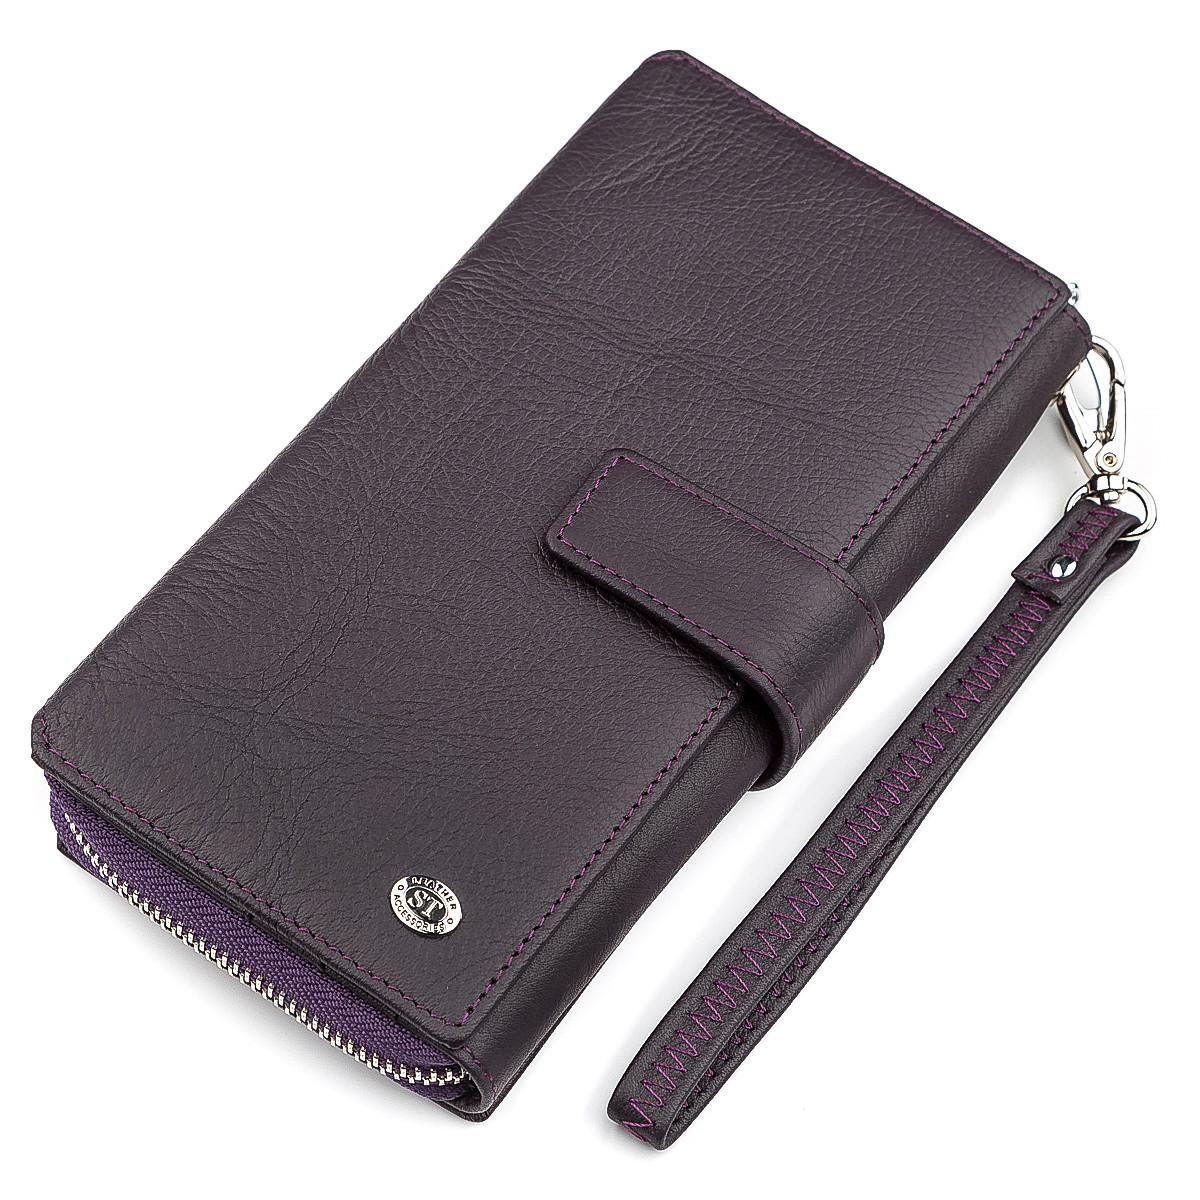 Кошелек женский ST Leather 18675 (SТ228) удобный Фиолетовый